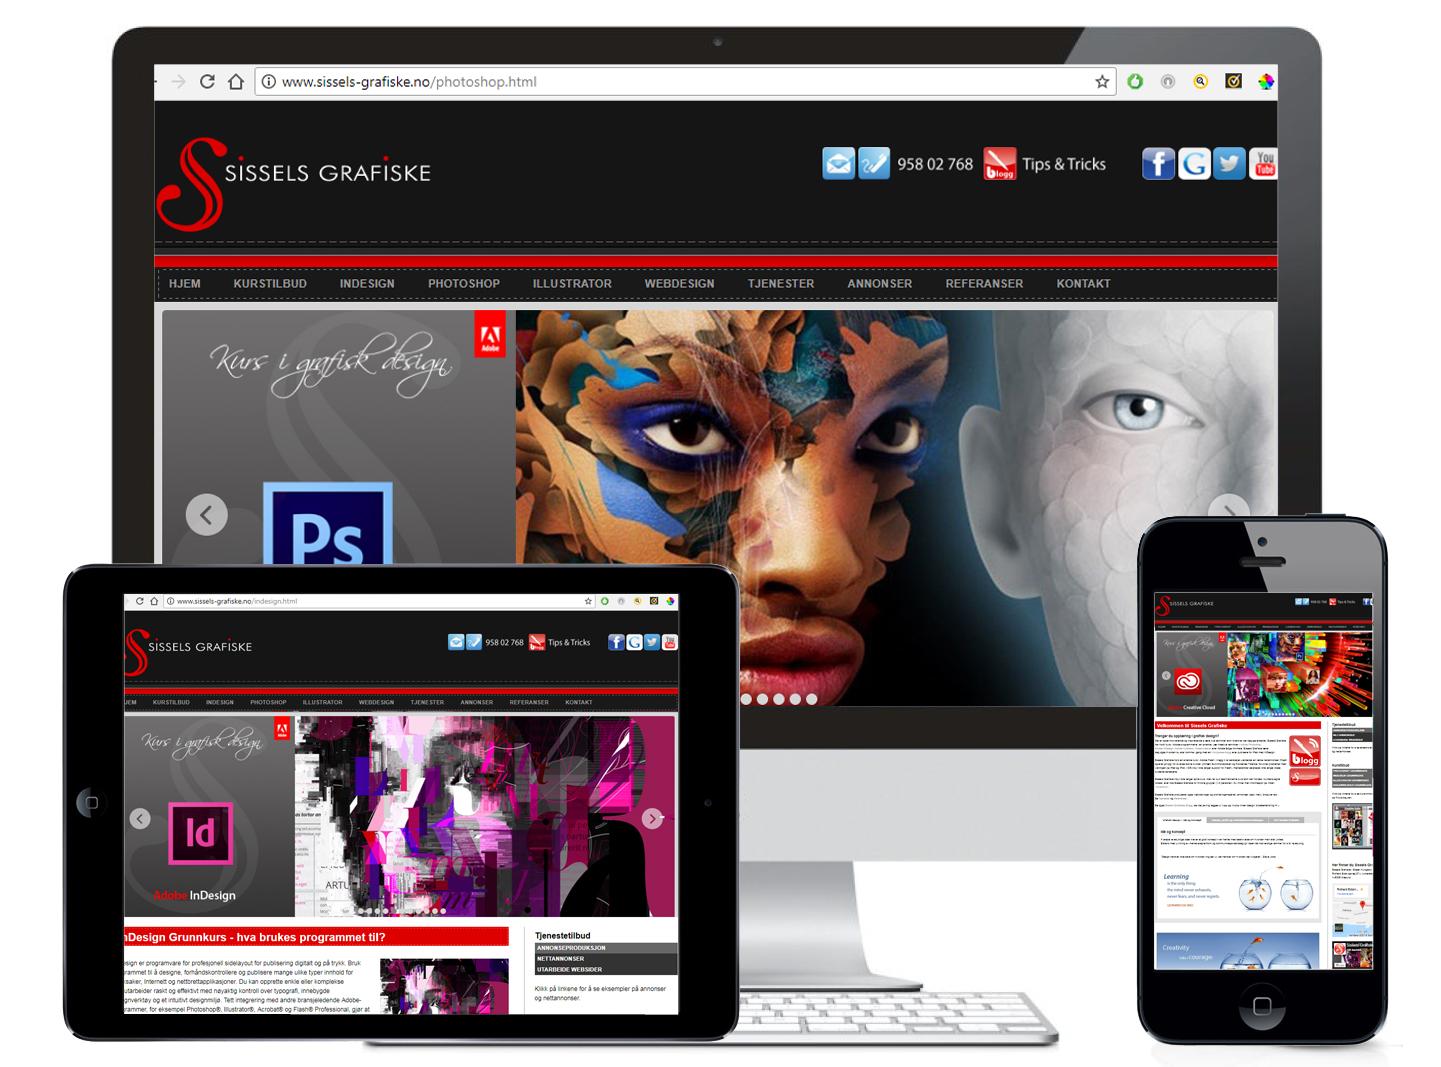 Desktop_tablet_mobile_web02